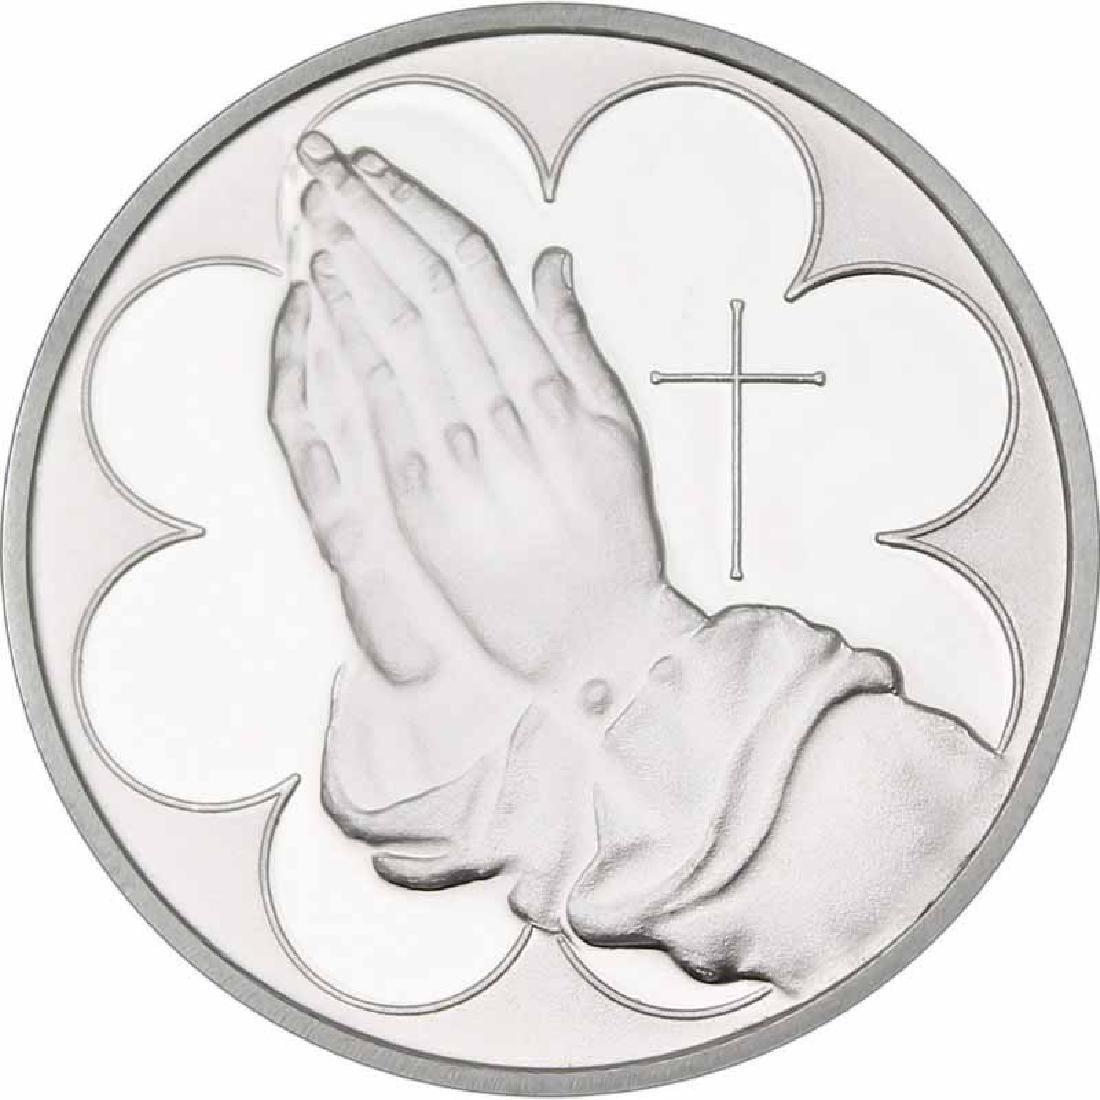 Praying Hands .999 Silver 1 oz Round